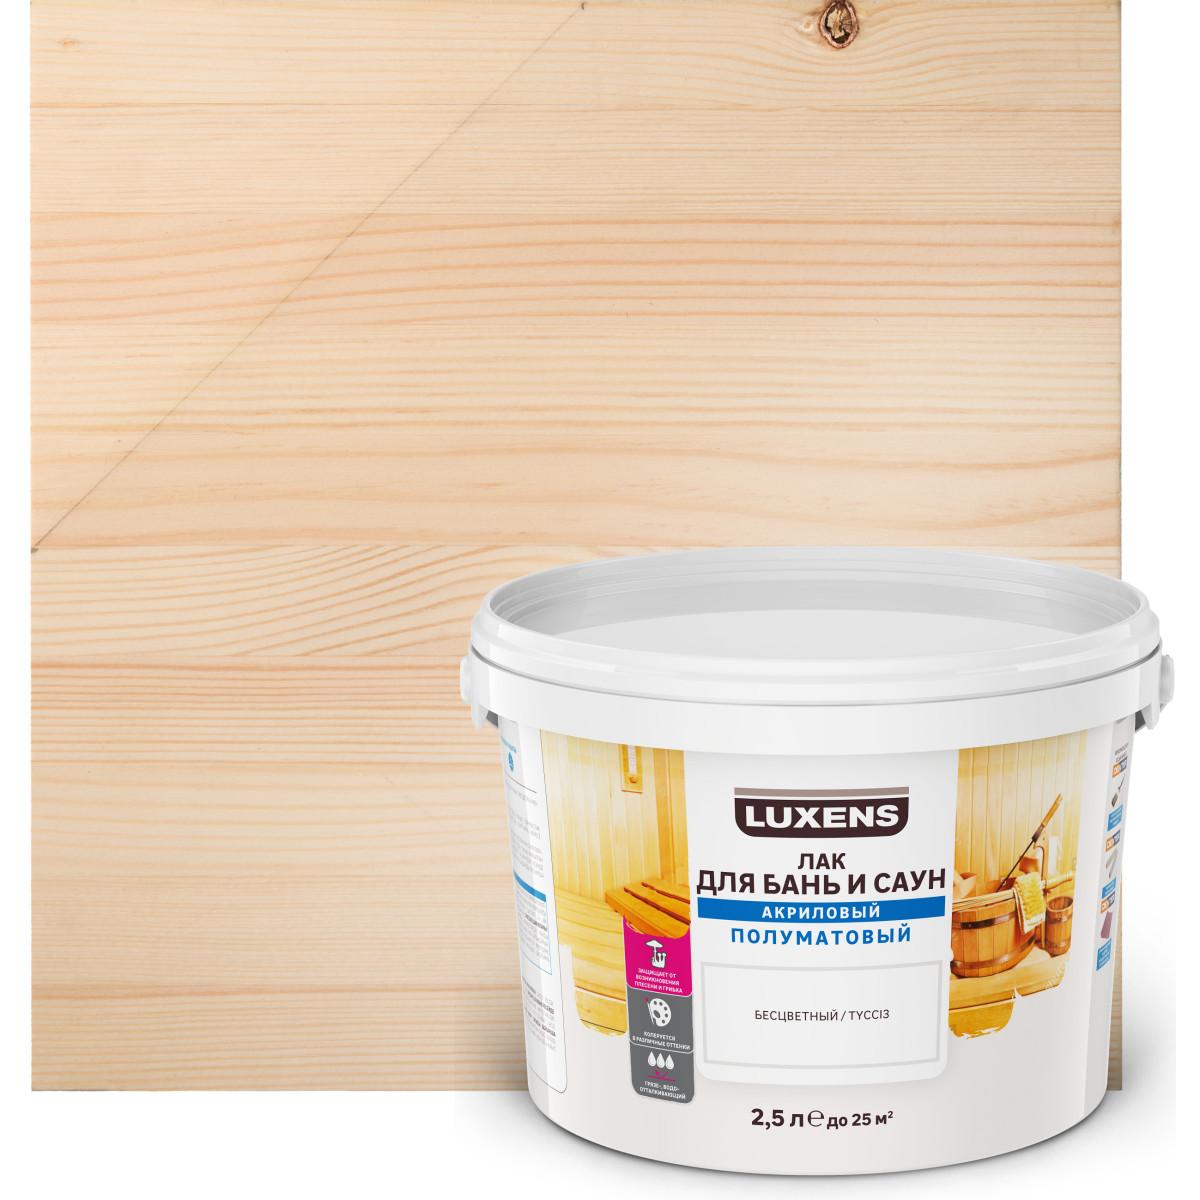 Лак для бань и саун водный Luxens цвет прозрачный полуматовый 2.5 л